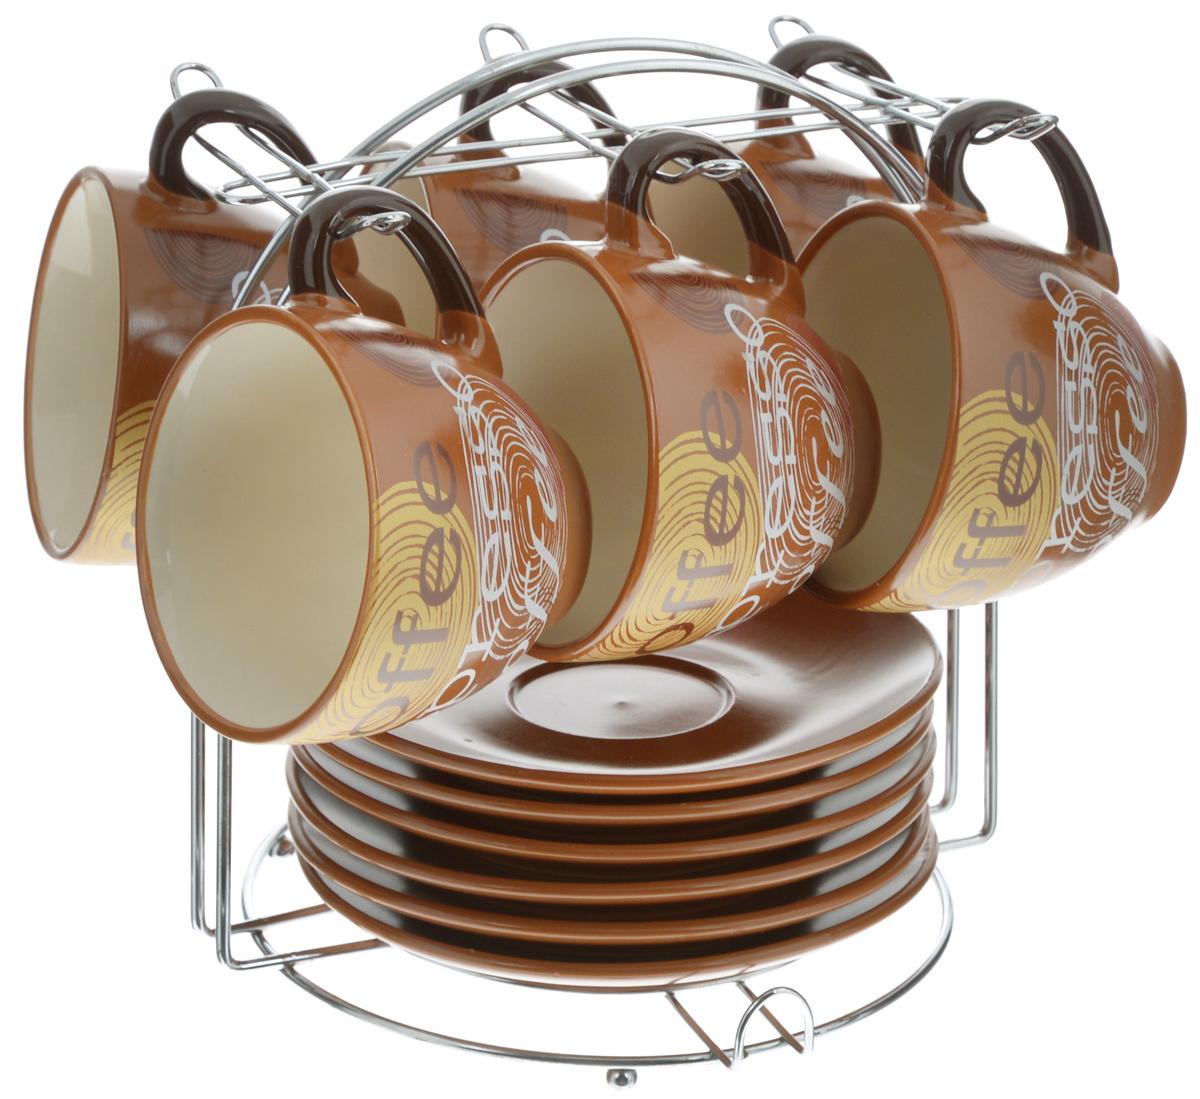 """Набор """"Loraine"""" состоит из шести чашек и шести  блюдец, изготовленных из высококачественной  керамики и оформленных стильным рисунком. Изделия  расположены на металлической подставке. Такой набор  подходит для подачи чая или кофе. Изящный дизайн придется по вкусу и ценителям  классики, и тем, кто предпочитает утонченность и  изысканность. Он настроит на позитивный лад и  подарит хорошее настроение с самого утра. Чайный  набор """"Loraine"""" - идеальный и необходимый подарок  для вашего дома и для ваших друзей в праздники.  Можно использовать в микроволновой печи, также мыть  в посудомоечной машине.  Объем чашки: 220 мл.  Диаметр чашки по верхнему краю: 9 см.  Высота чашки: 7,5 см.  Диаметр блюдца: 14,5 см.  Высота блюдца: 2,2 см. Размер подставки: 19 х 19,5 х 21 см."""